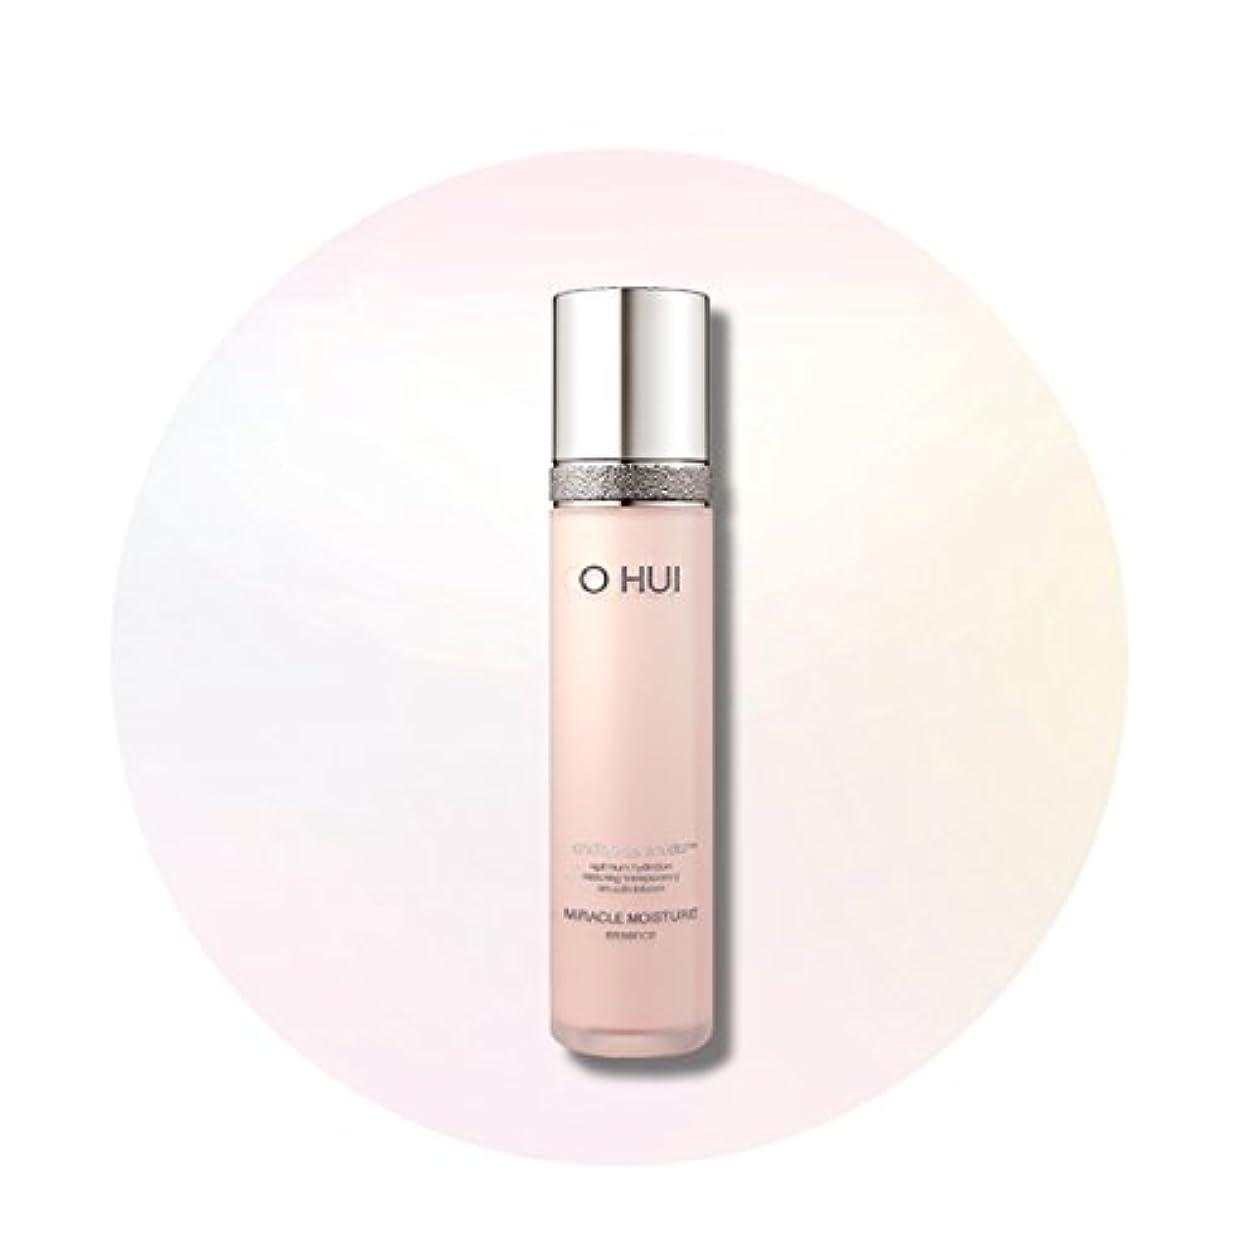 迷彩舗装するペインティングKorean Cosmetics_Ohui Miracle Moisture Essence_45ml[行輸入品]